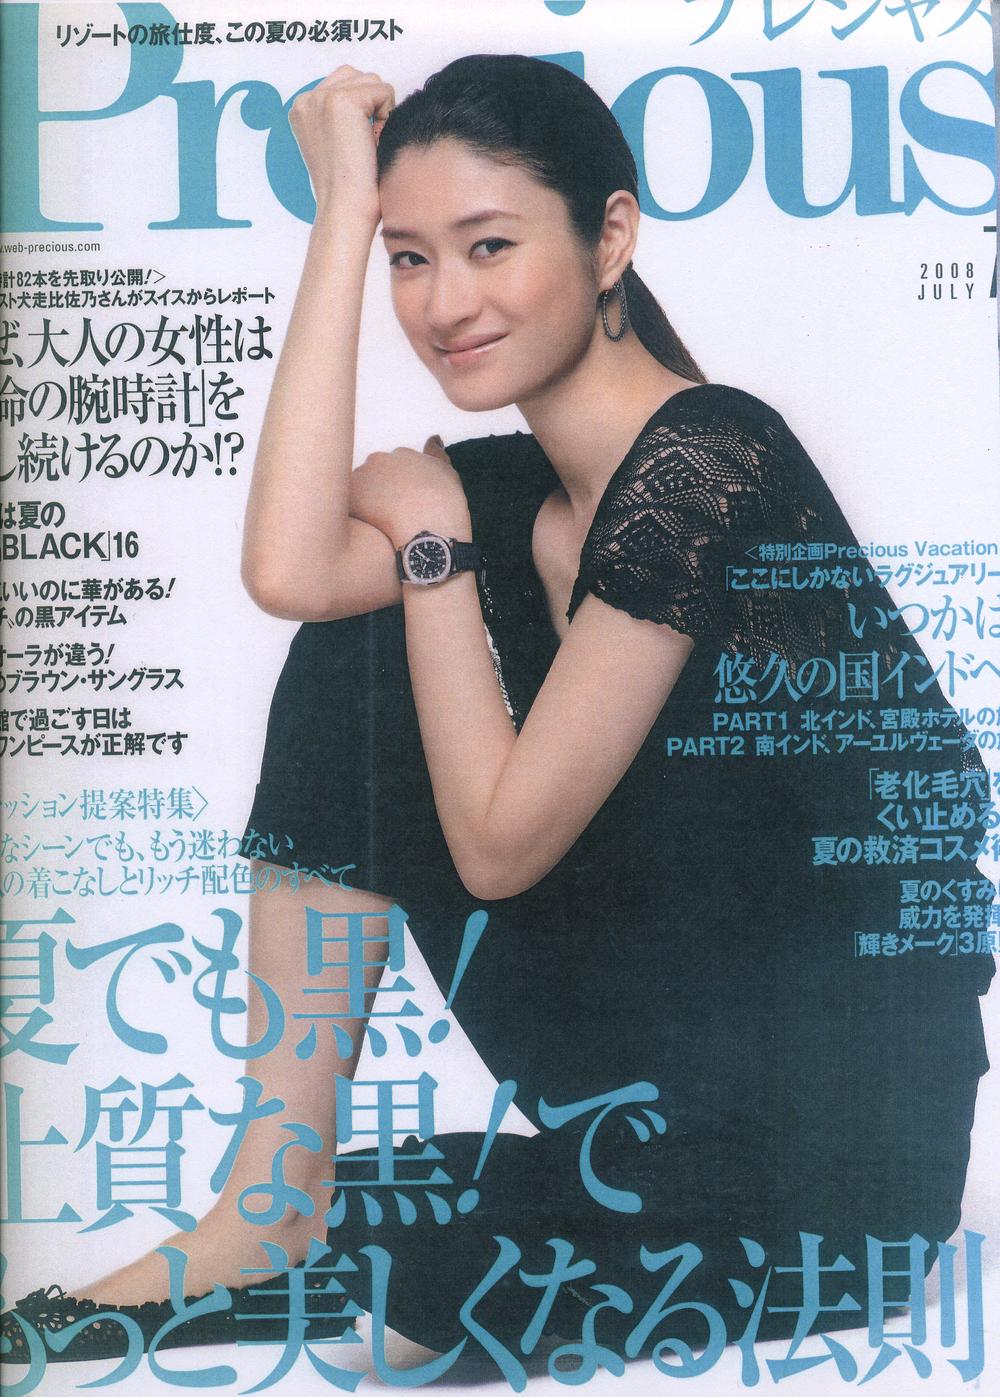 JAPAN- PRECIOUS COVER